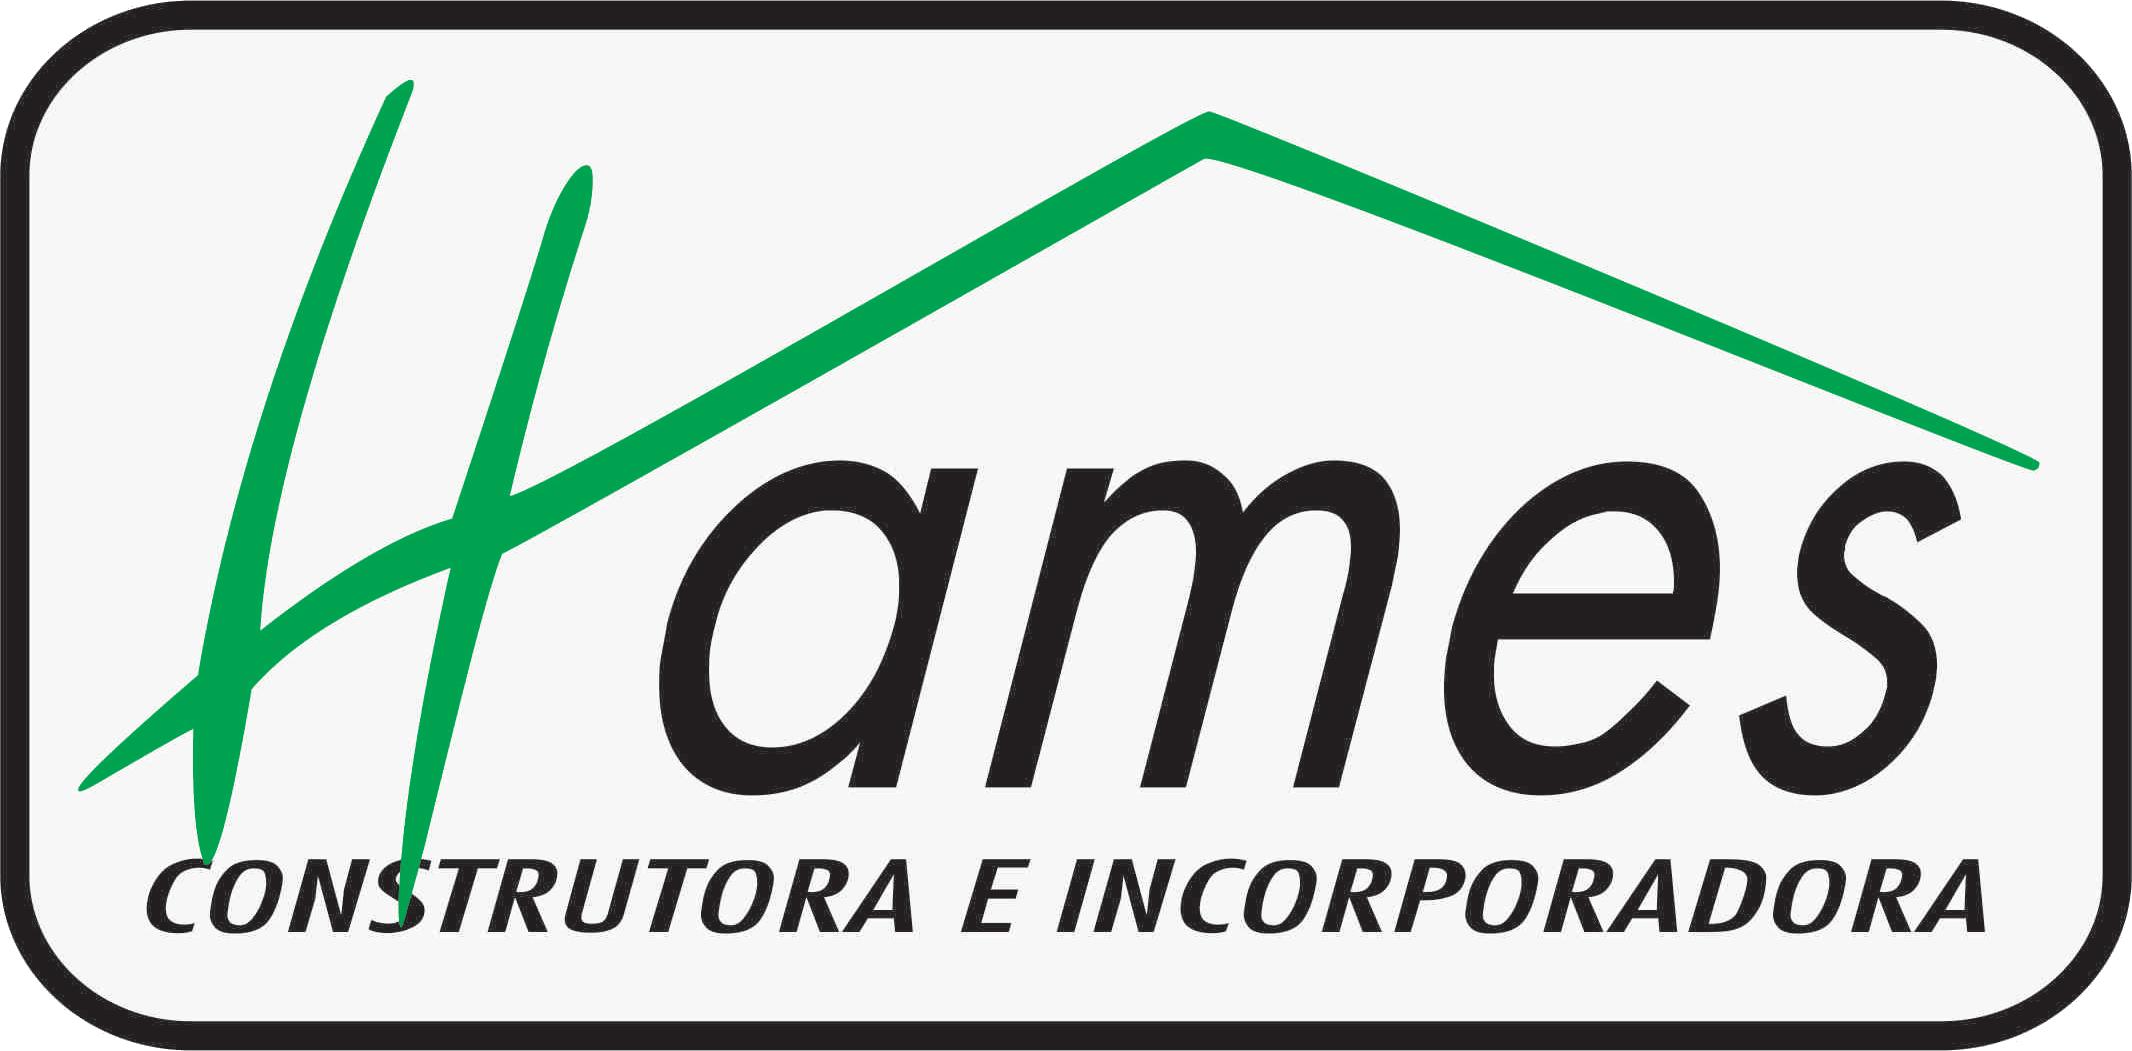 HAMES CONSTRUTORA E INCORPORADORA LTDA